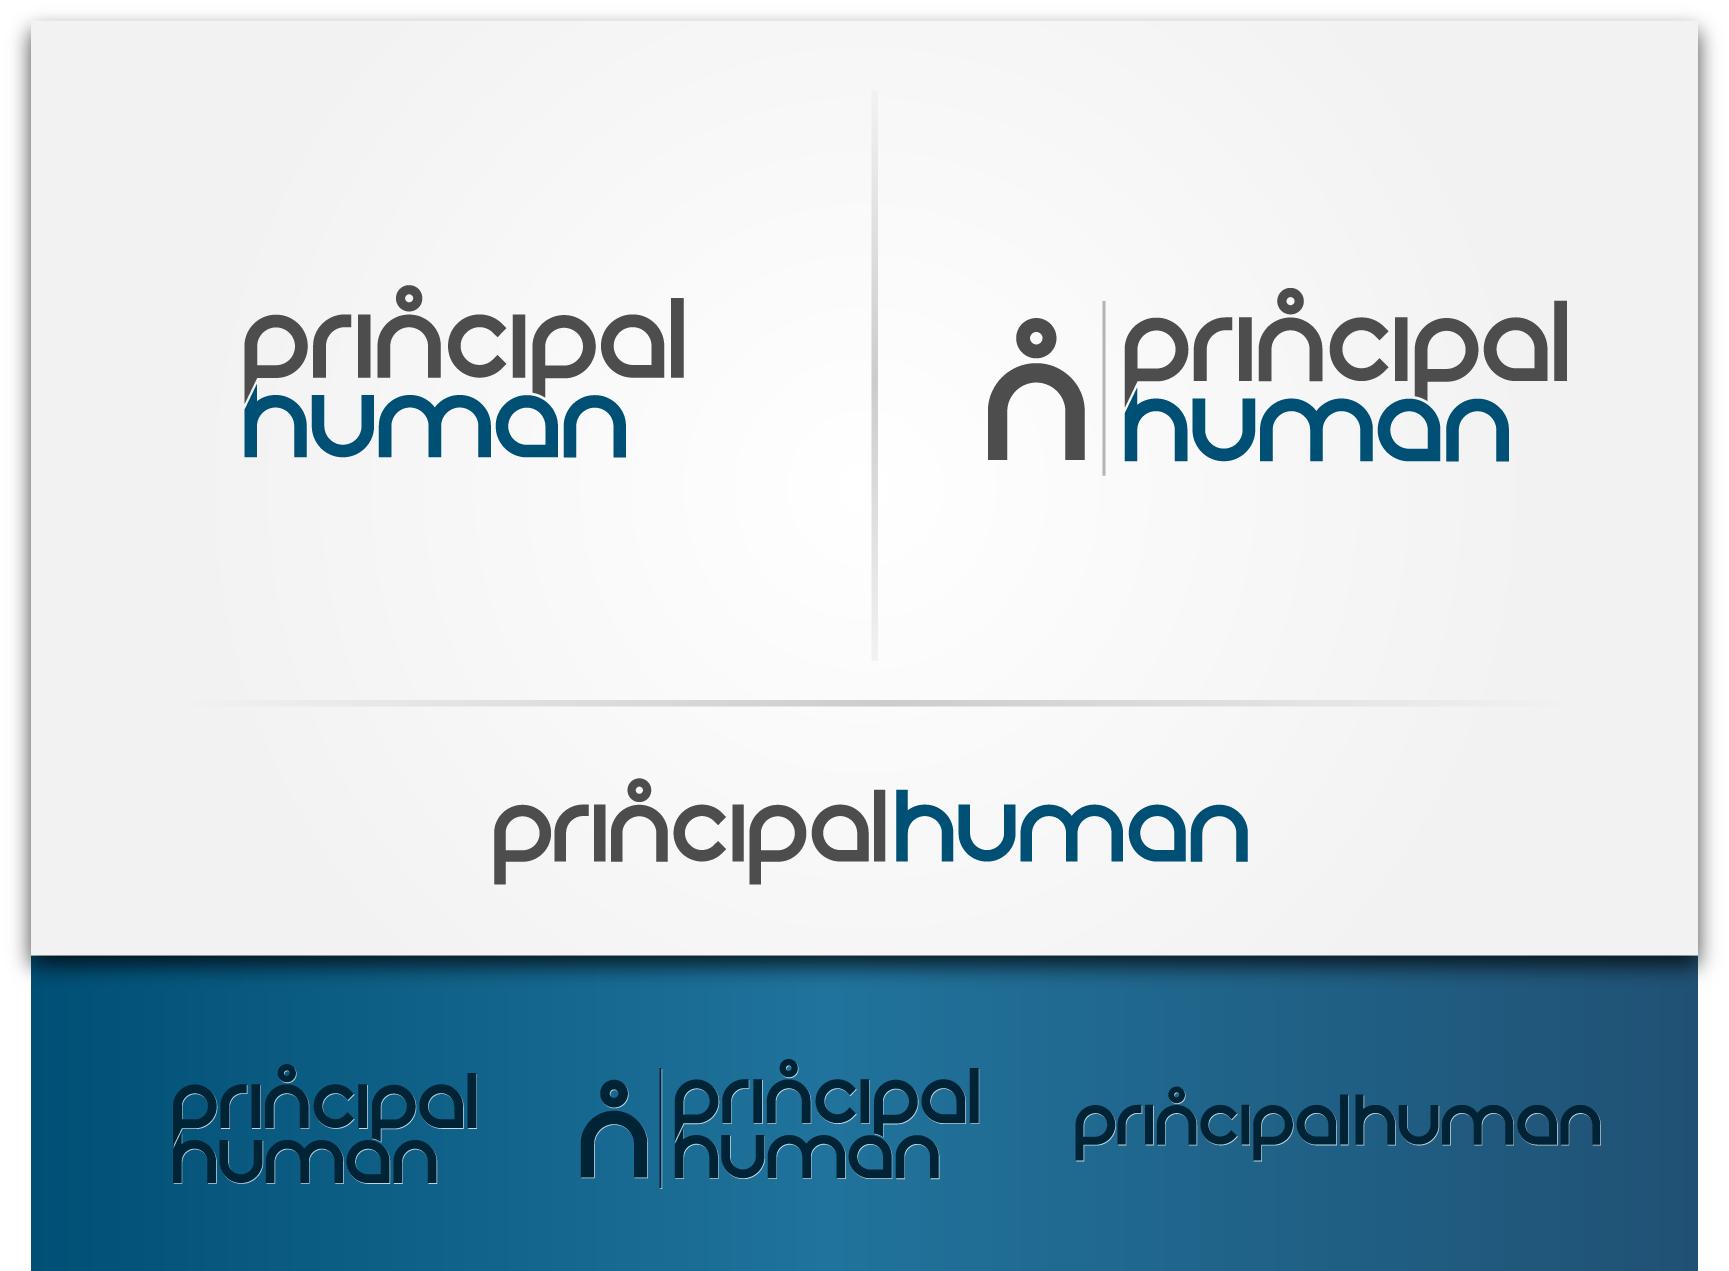 Principal Human needs a new logo